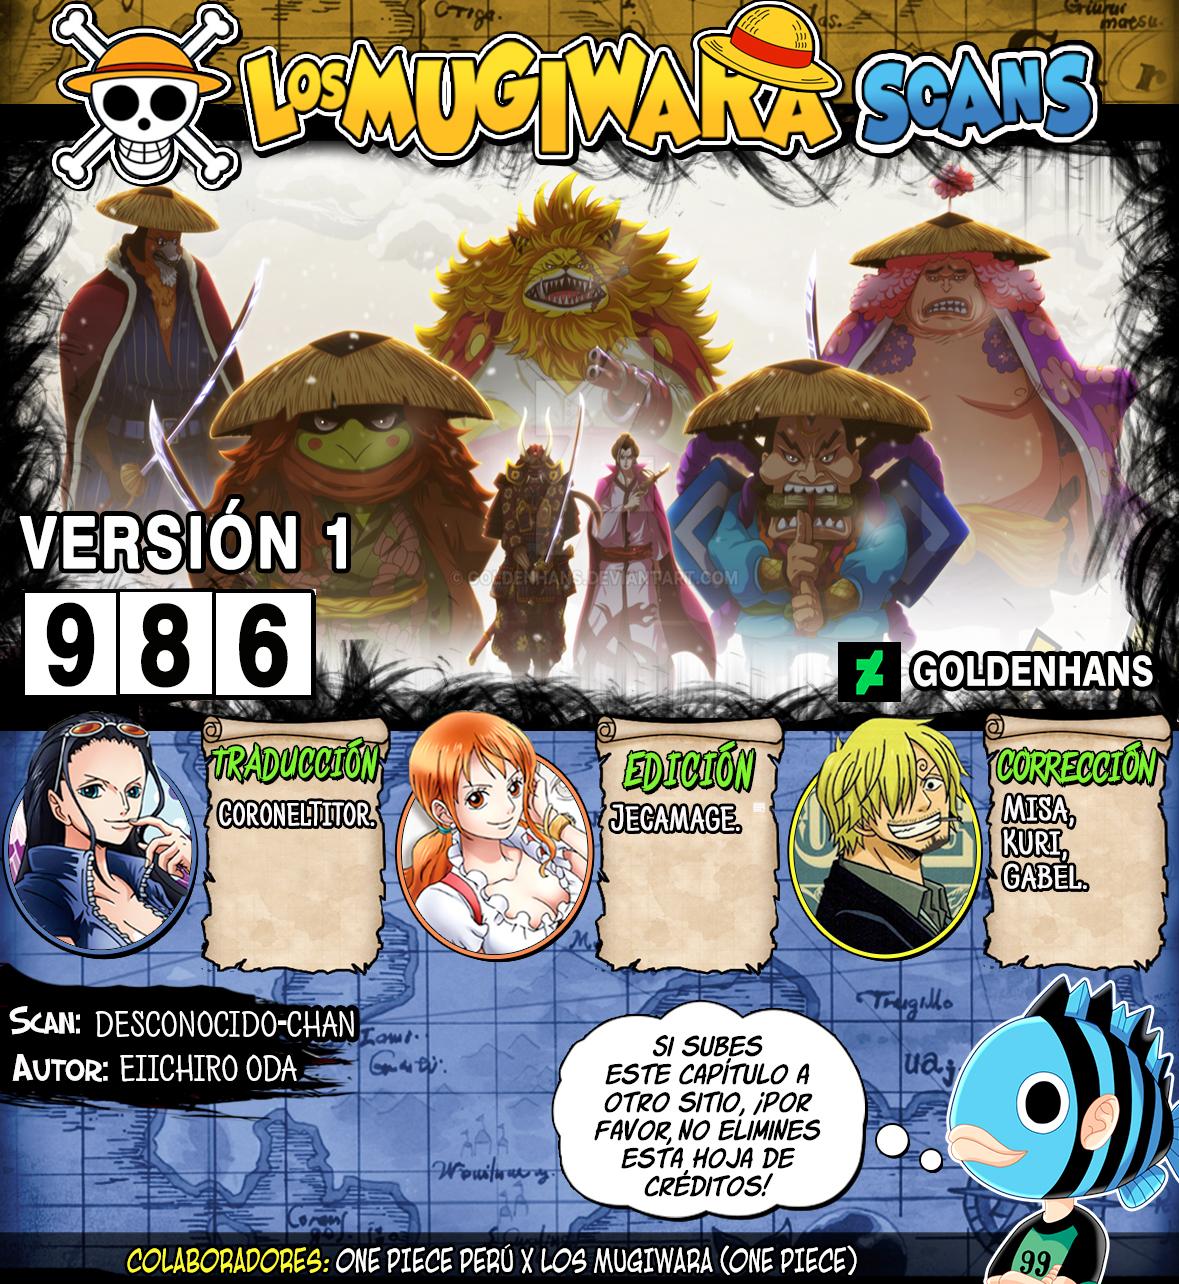 One Piece Manga 986 [Español] [Mugiwara Scans] 00